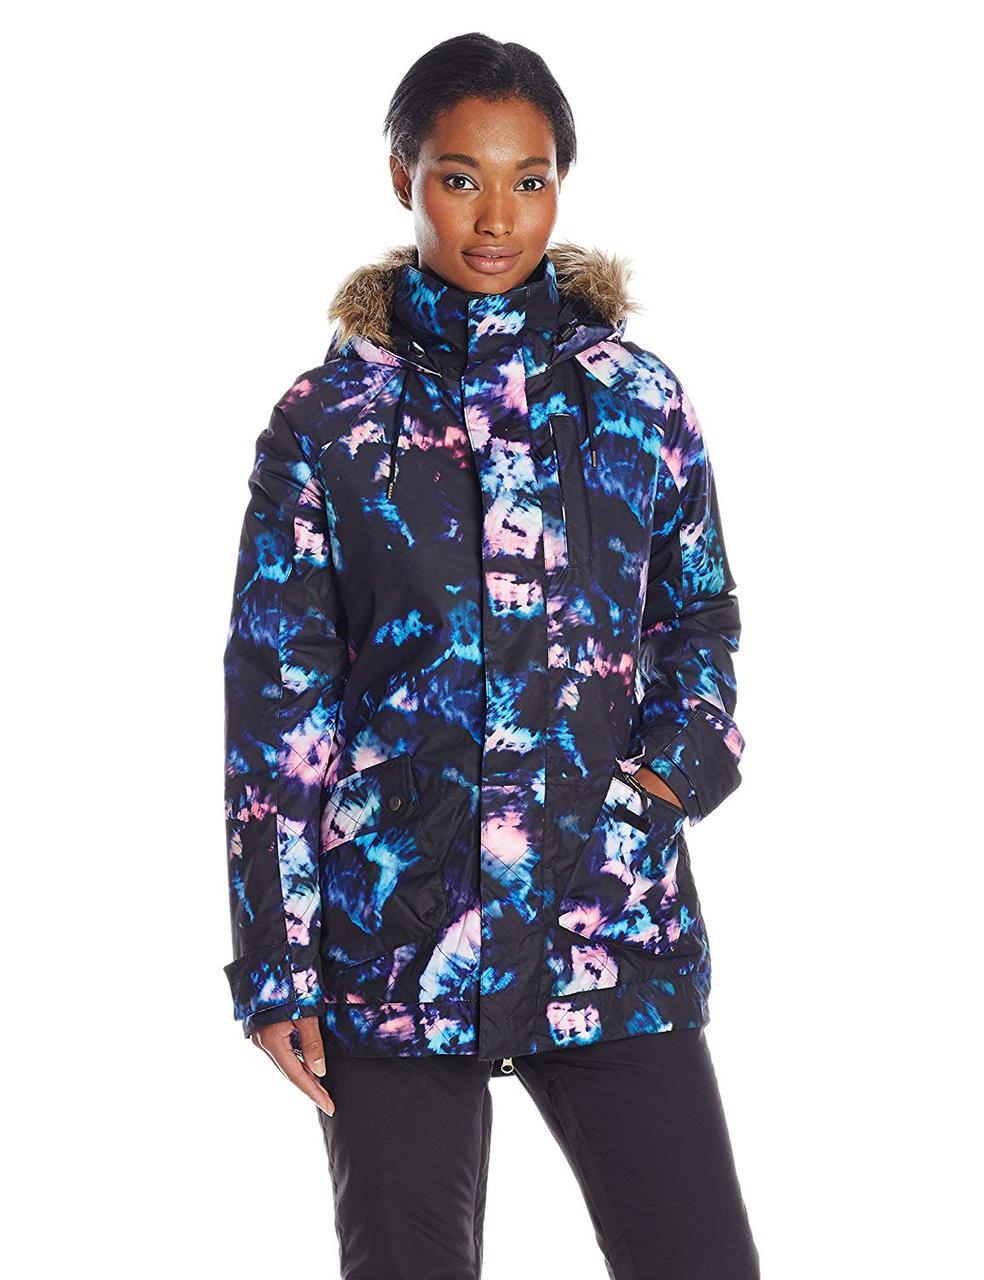 Женская горнолыжная куртка Burton Twc Charlie XS | Женская сноубордическая \ лыжная куртка